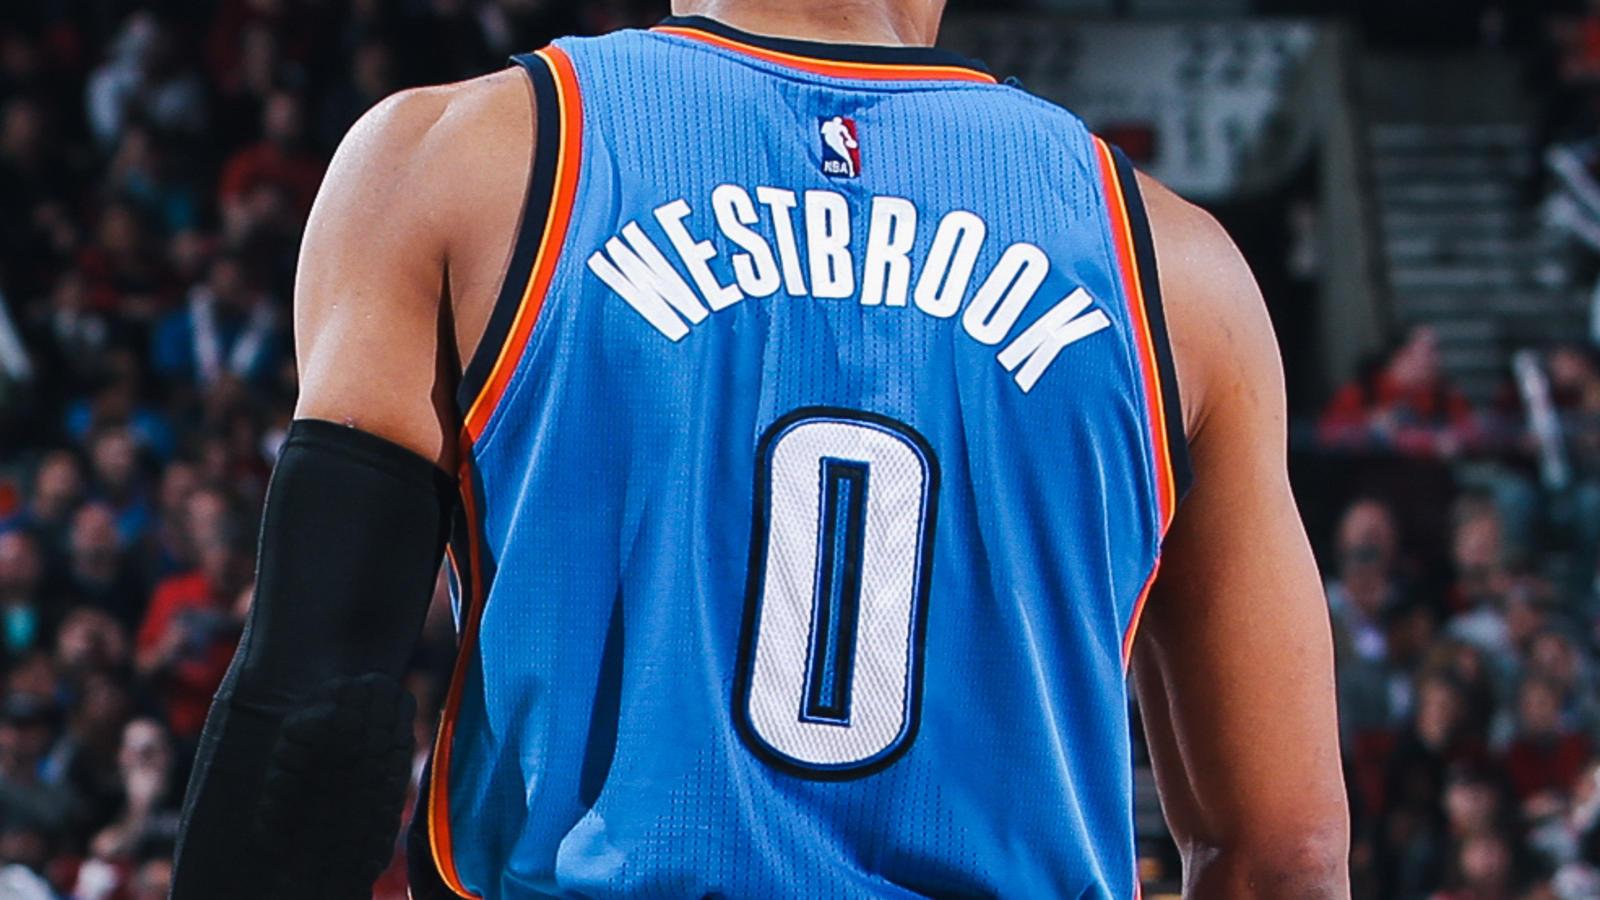 Jordan Brand Athlete Russell Westbrook